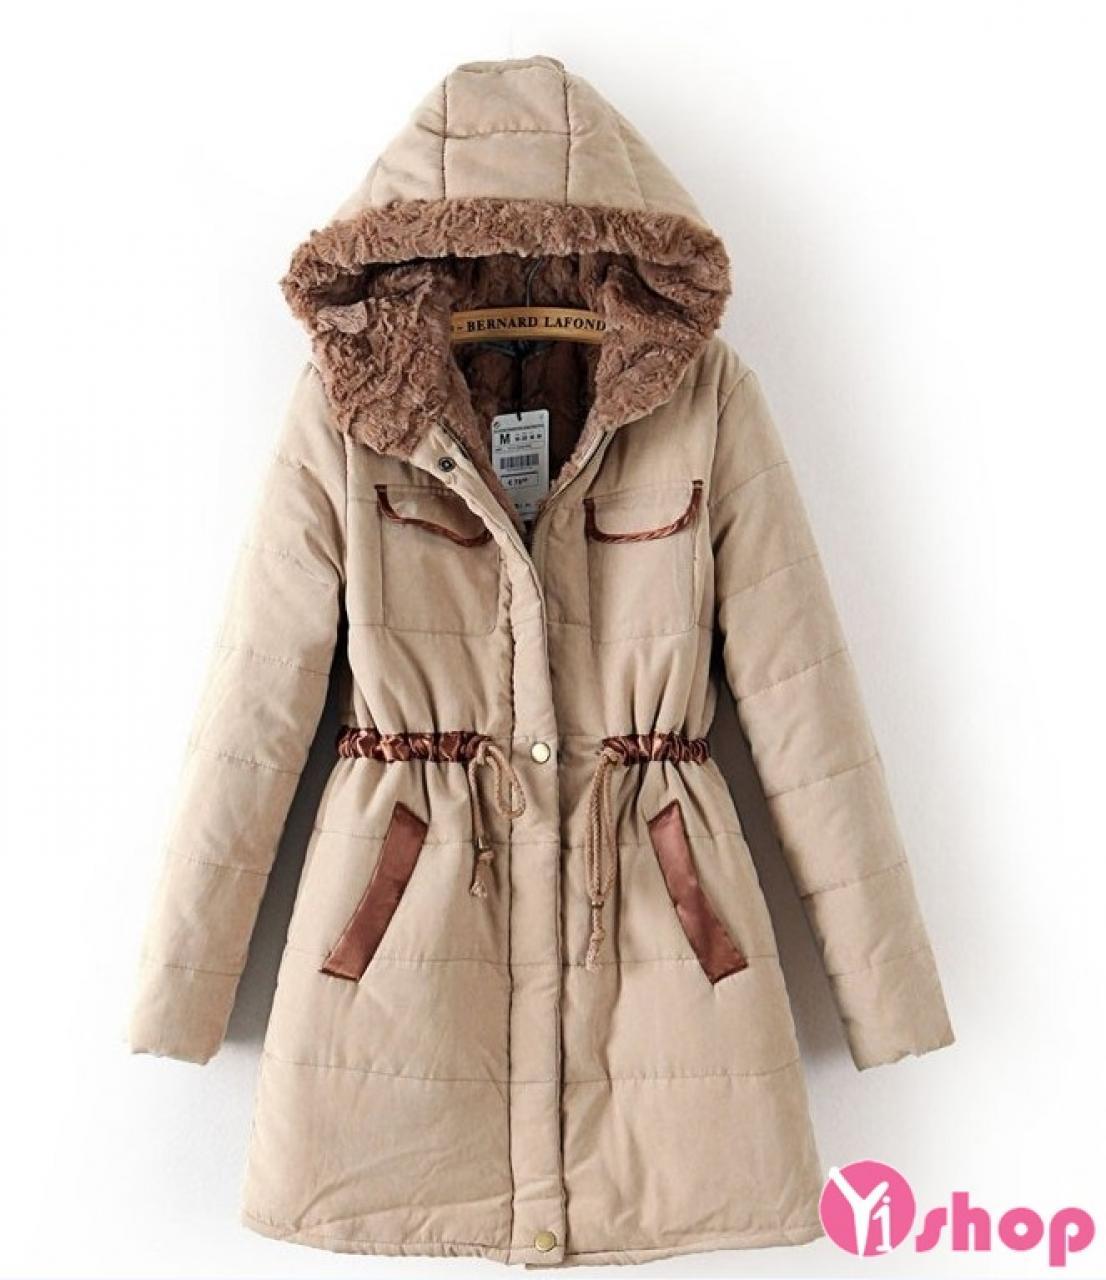 Áo khoác phao nữ lót lông thú đẹp sang trọng nhất trong mùa thu đông 2019